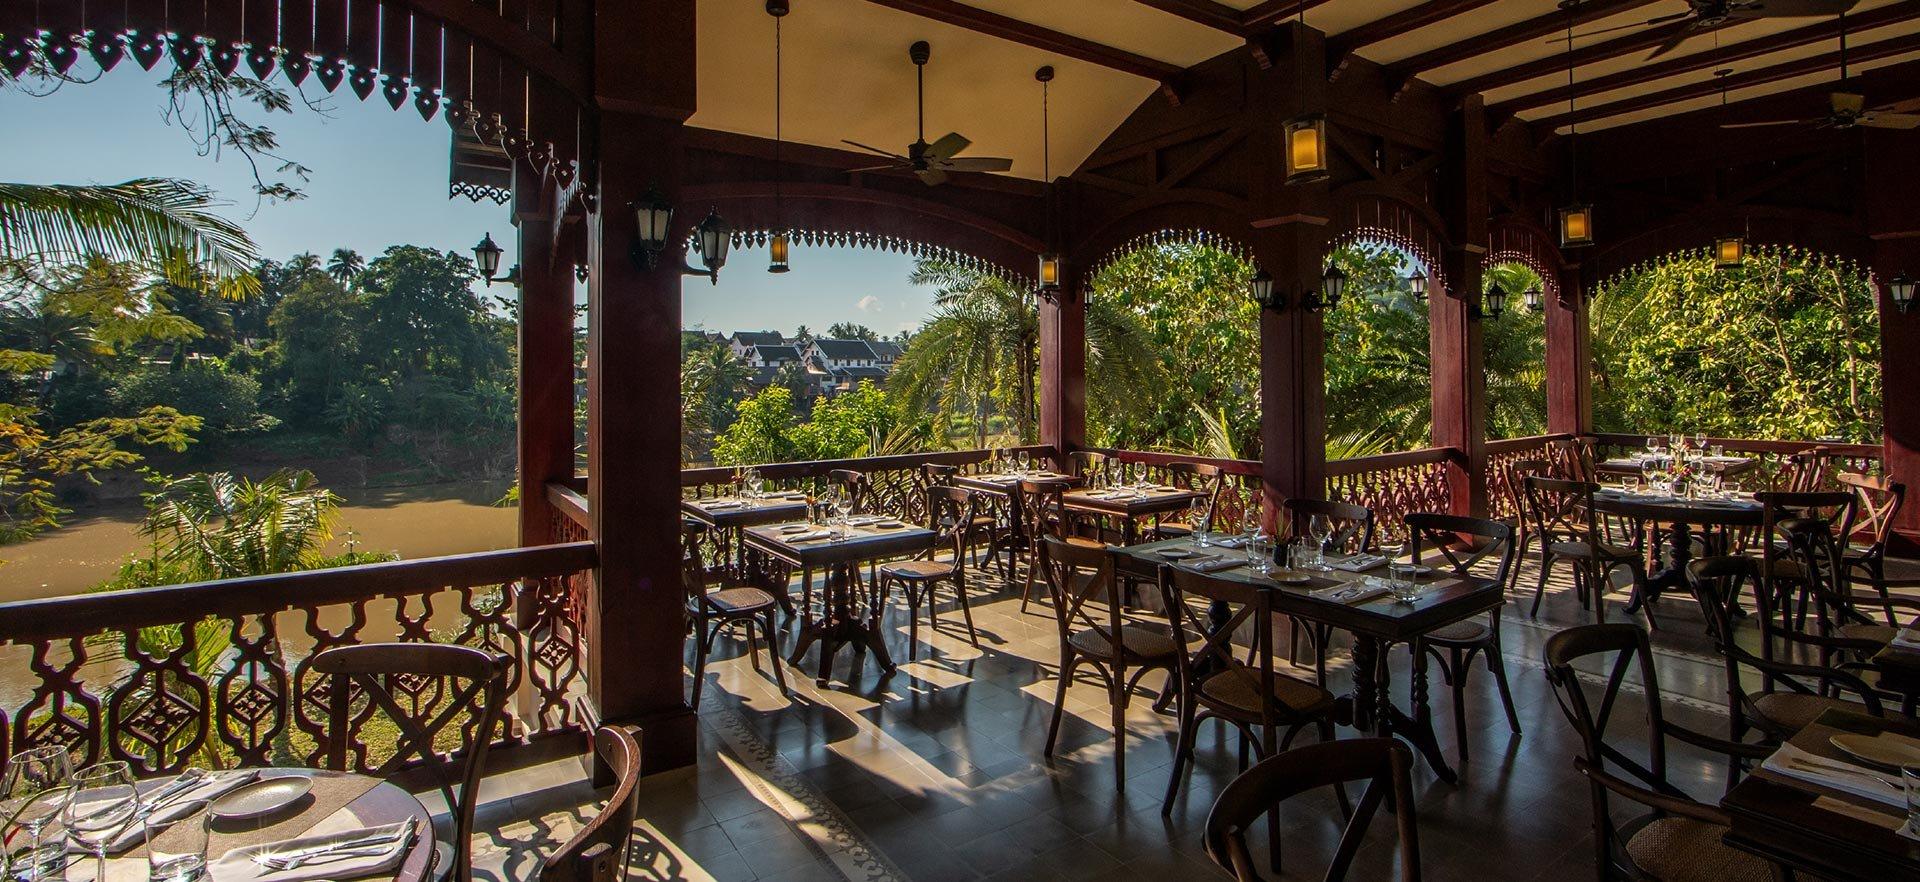 Le Bel Air Resort Opens in Luang Prabang